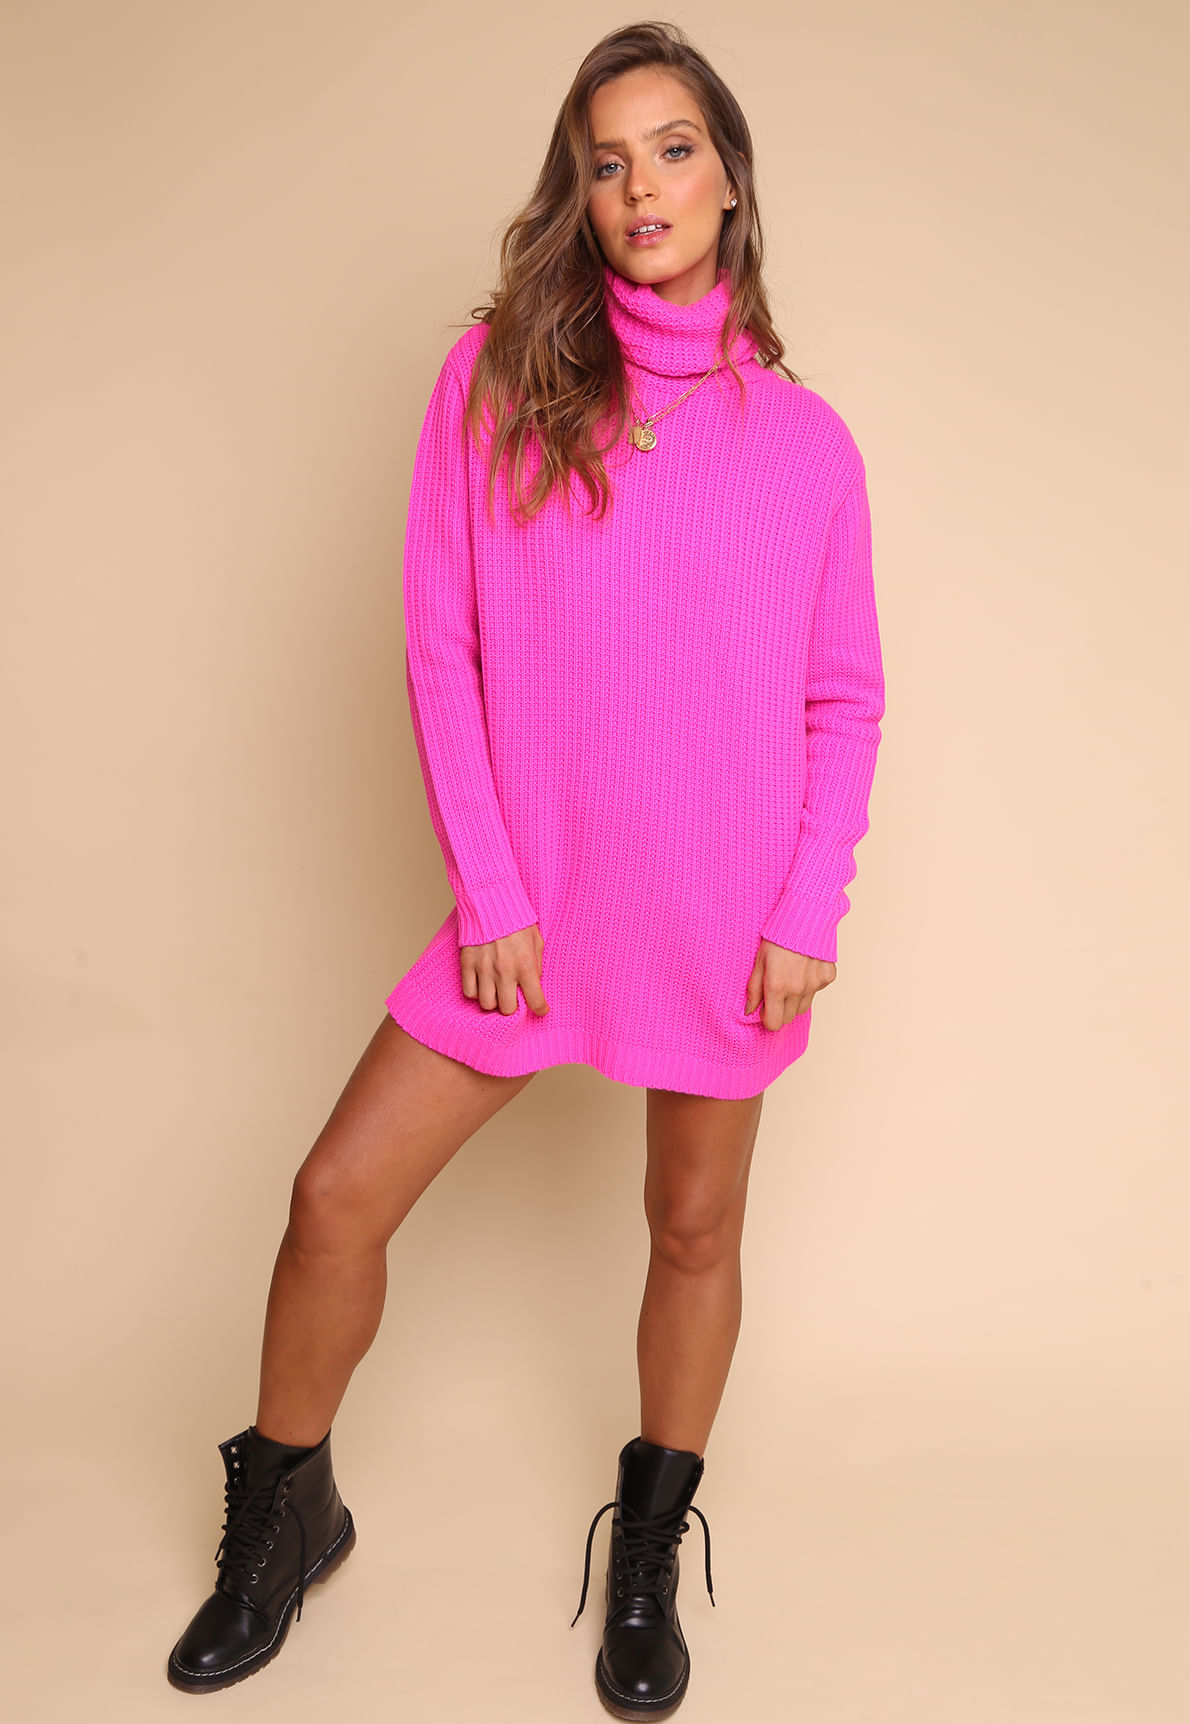 30609-trico-mundo-lolita-feminino-gola-alta-pink-rumi-07